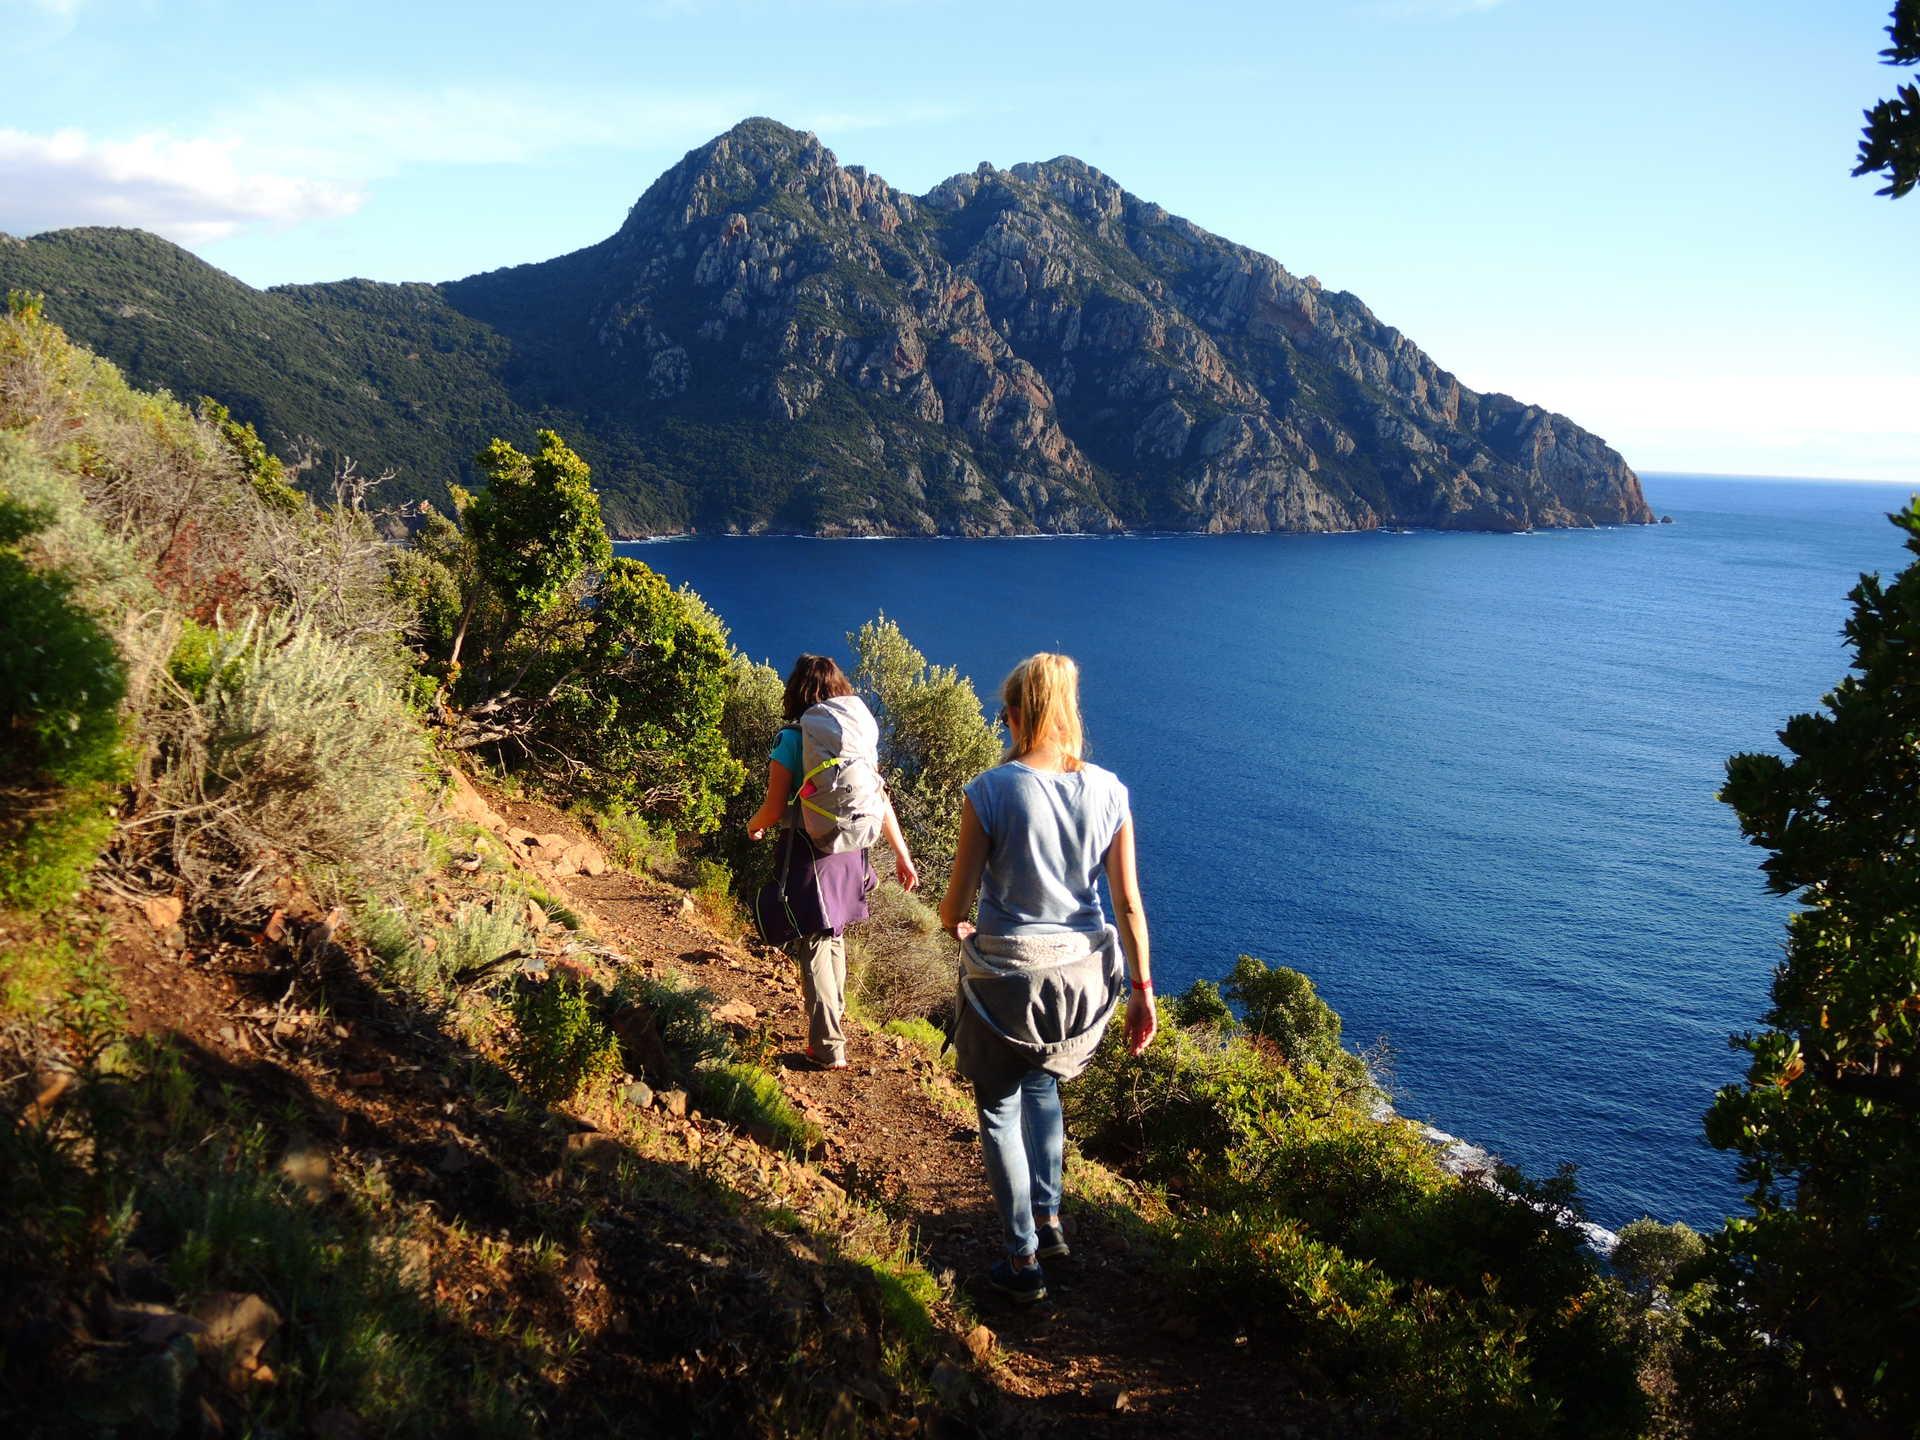 Randonnée côtière en Corse